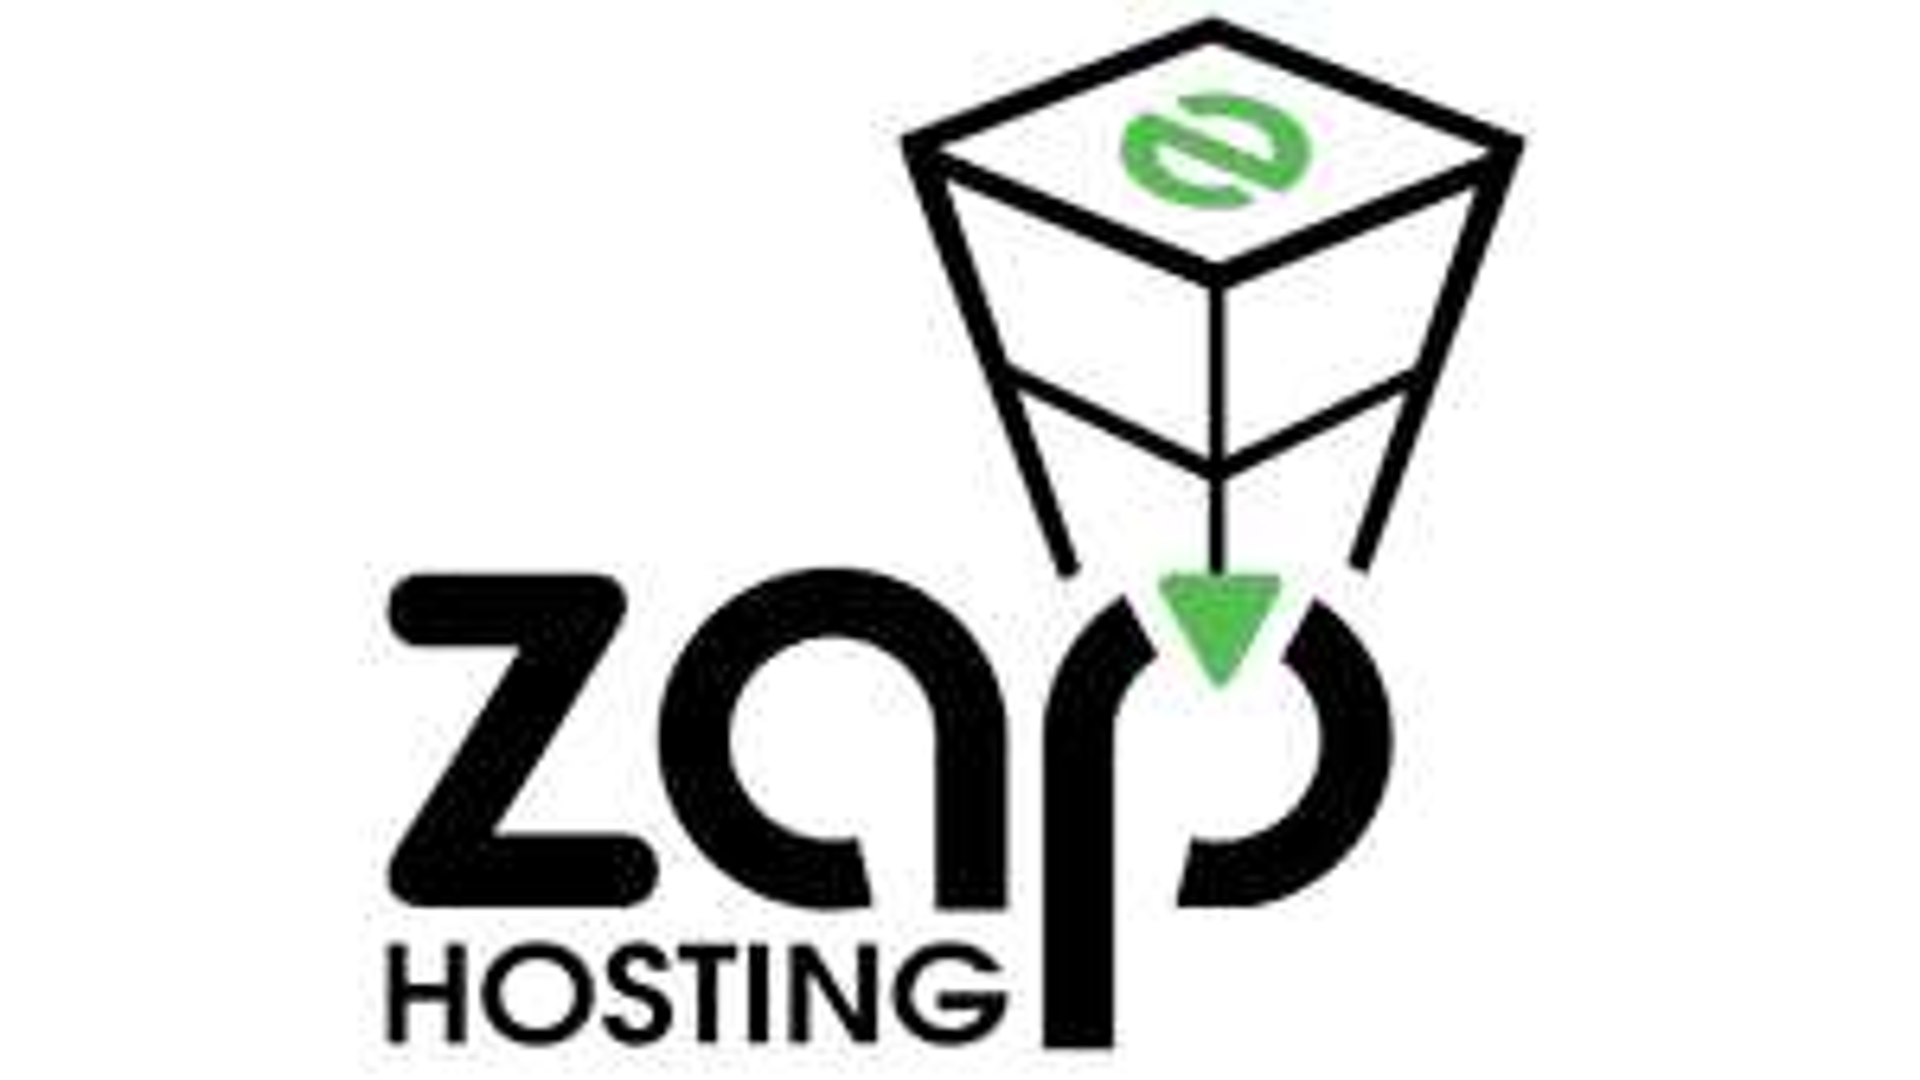 Webspace bei Zap-Hosting durch kombination von Vorrauszahlung + Gutschein für 29 cent im Monat